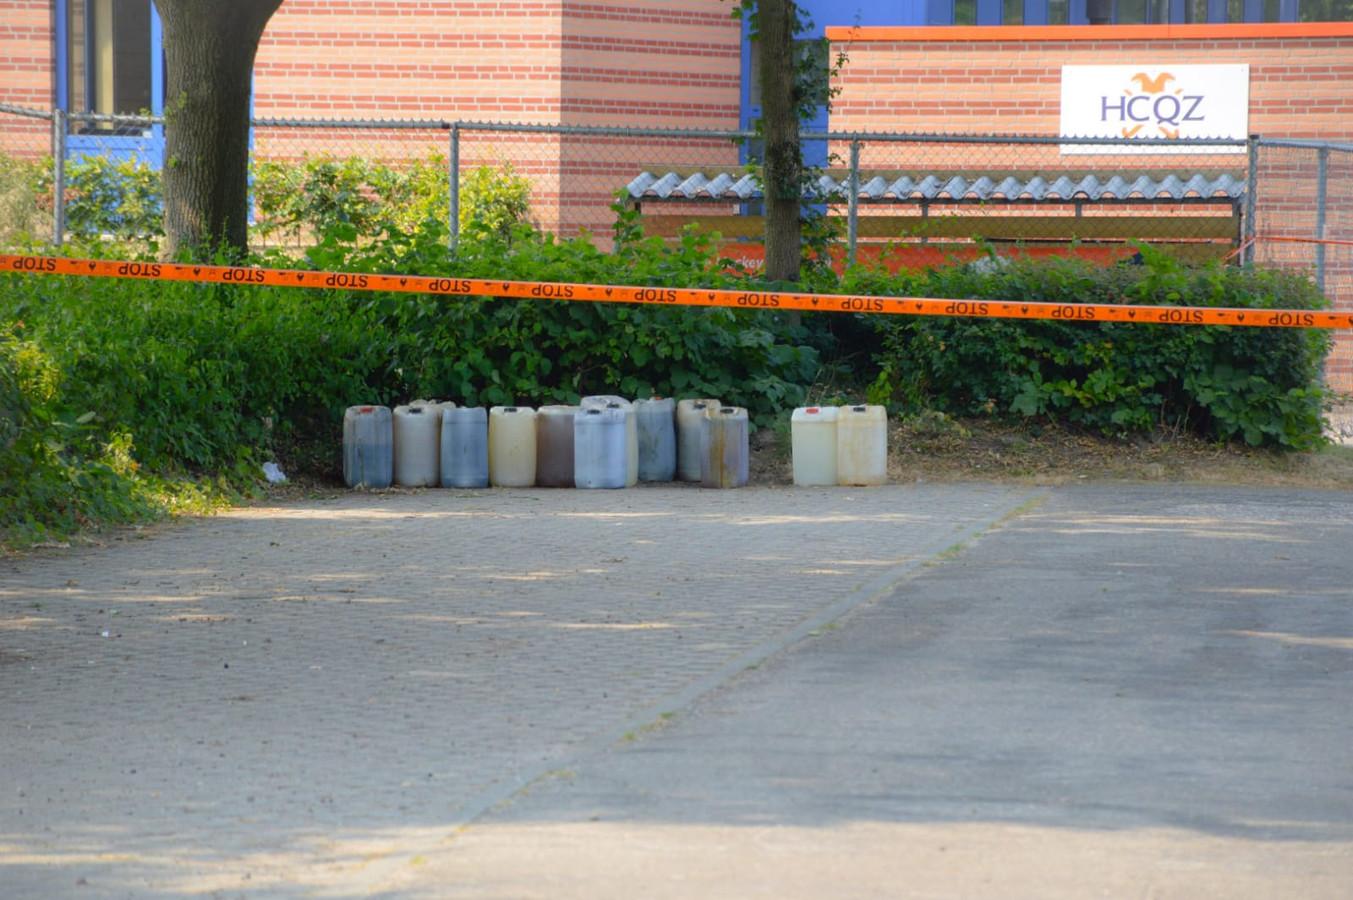 Drugsvaten op de parkeerplaats bij hockeyclub HCQZ in Nijmegen